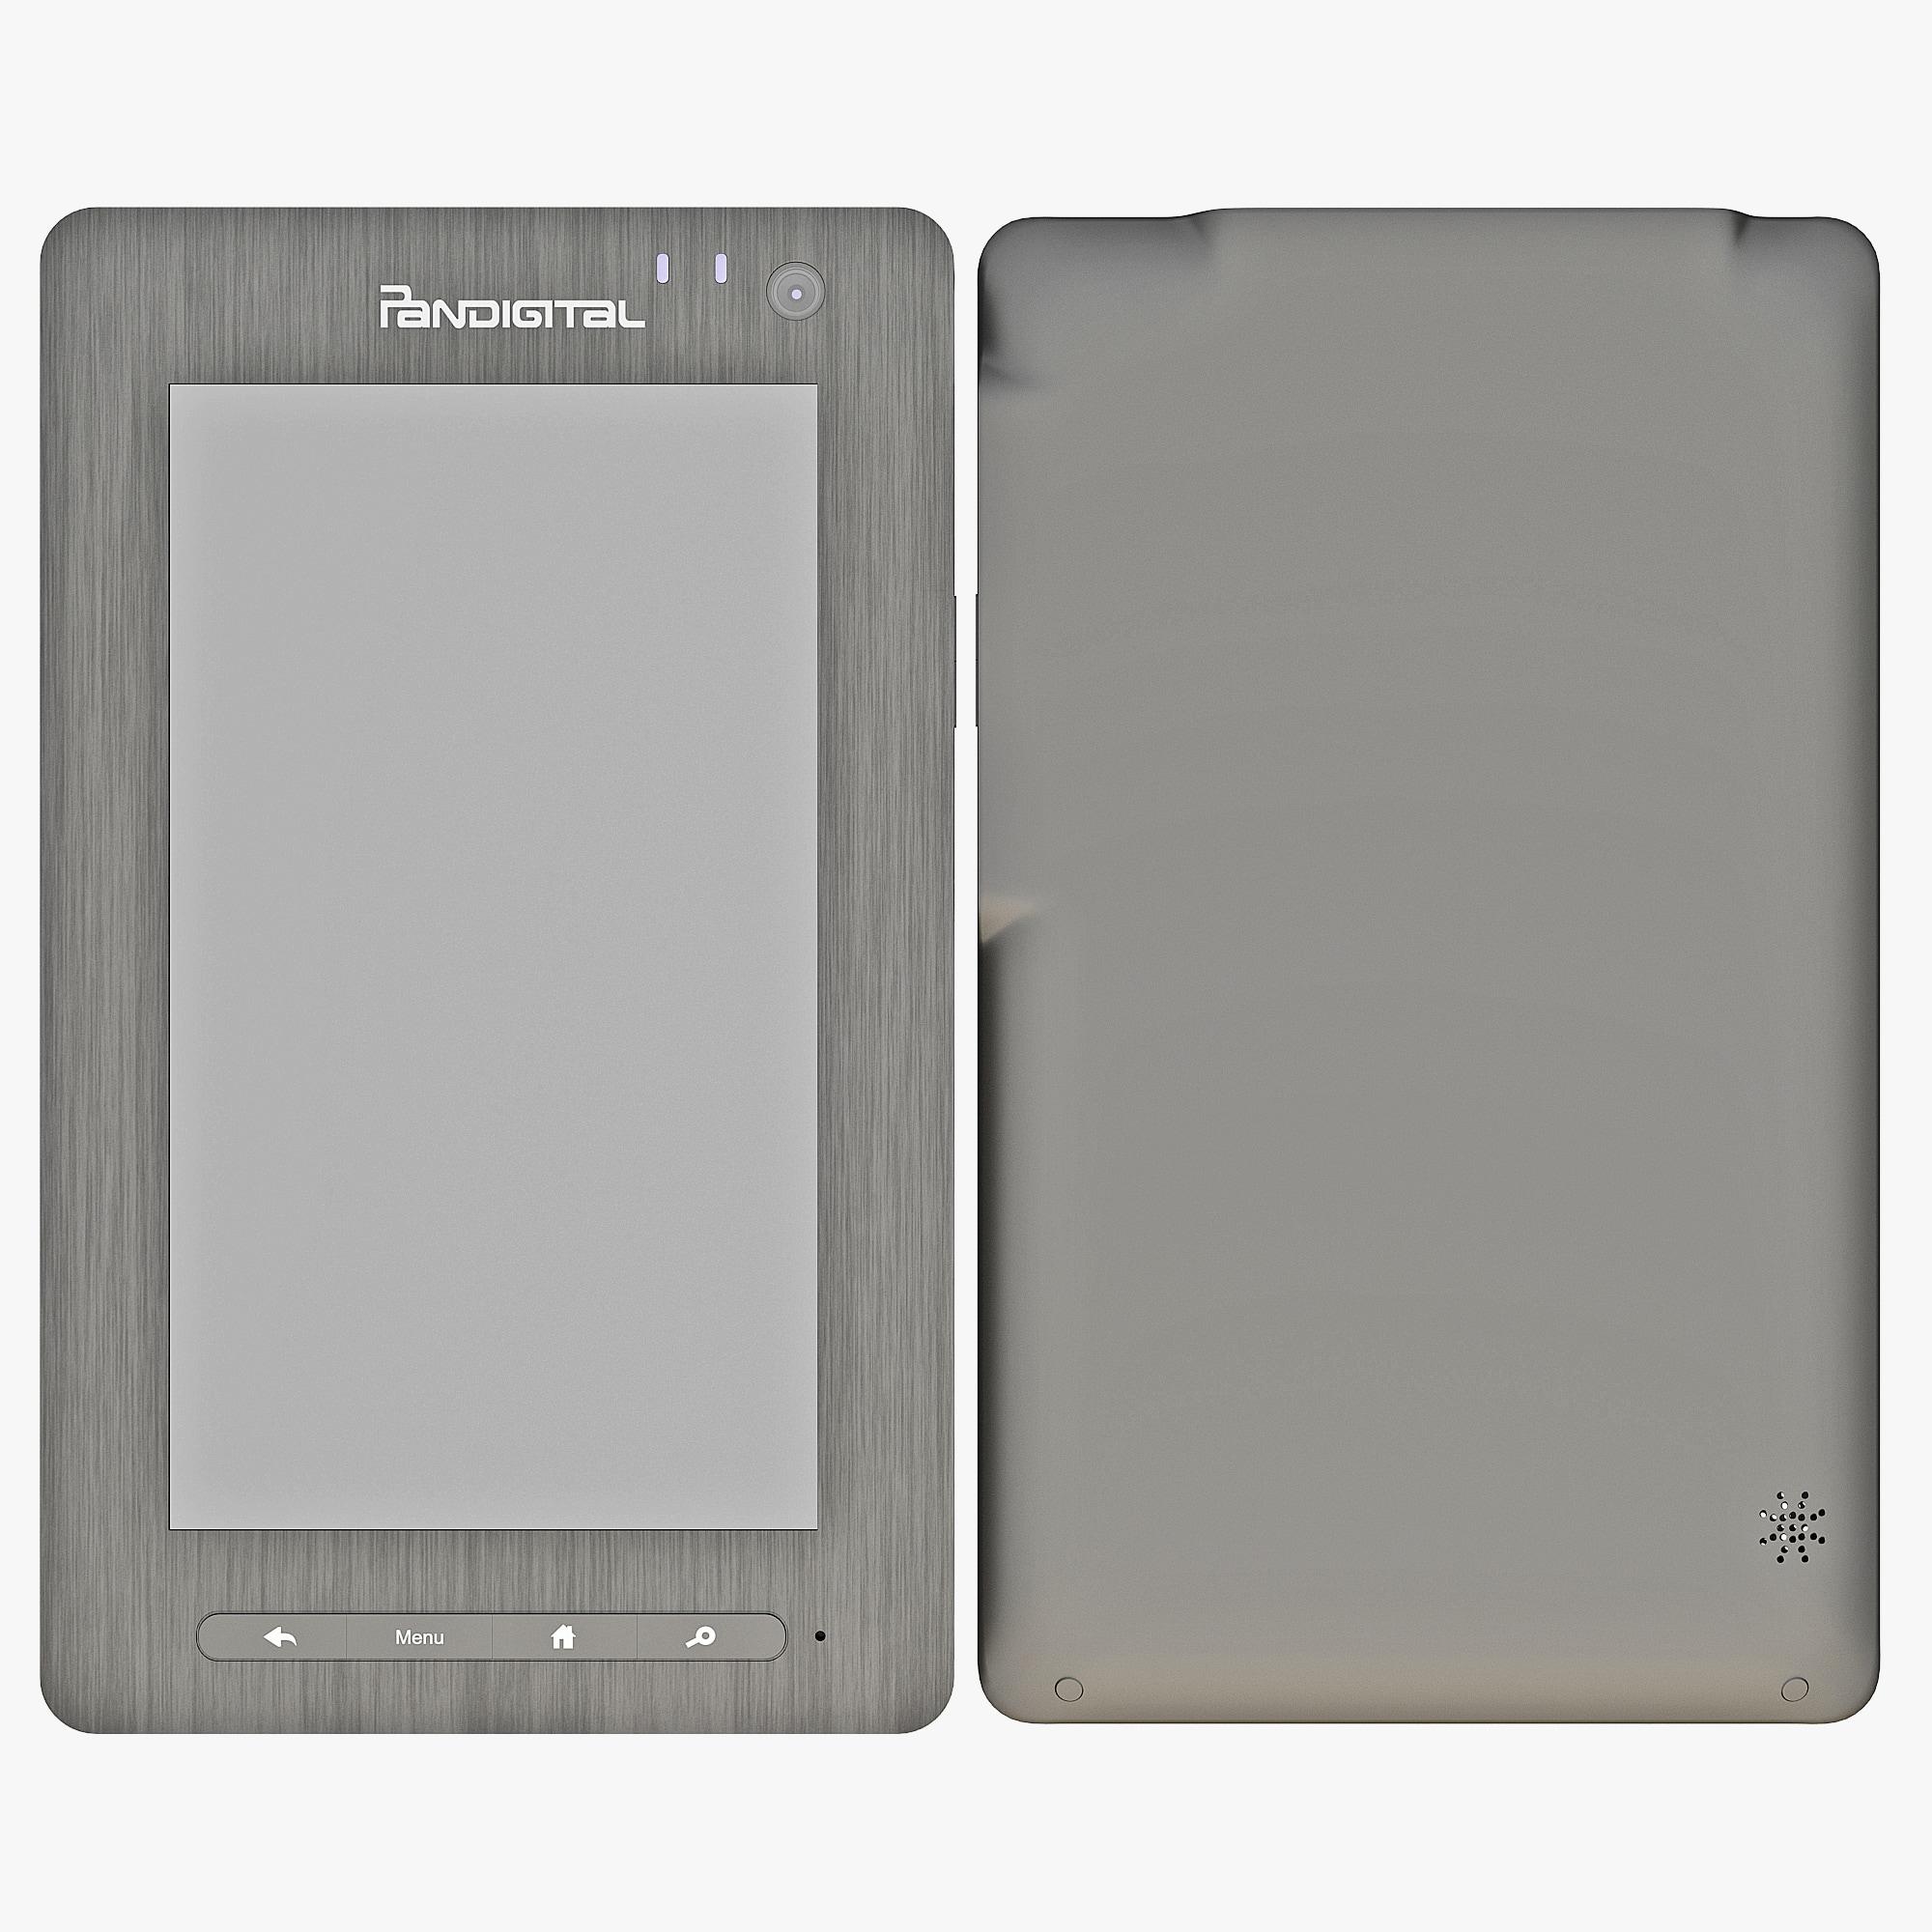 155949_Tablet_PanDigital_Star_7_000.jpg